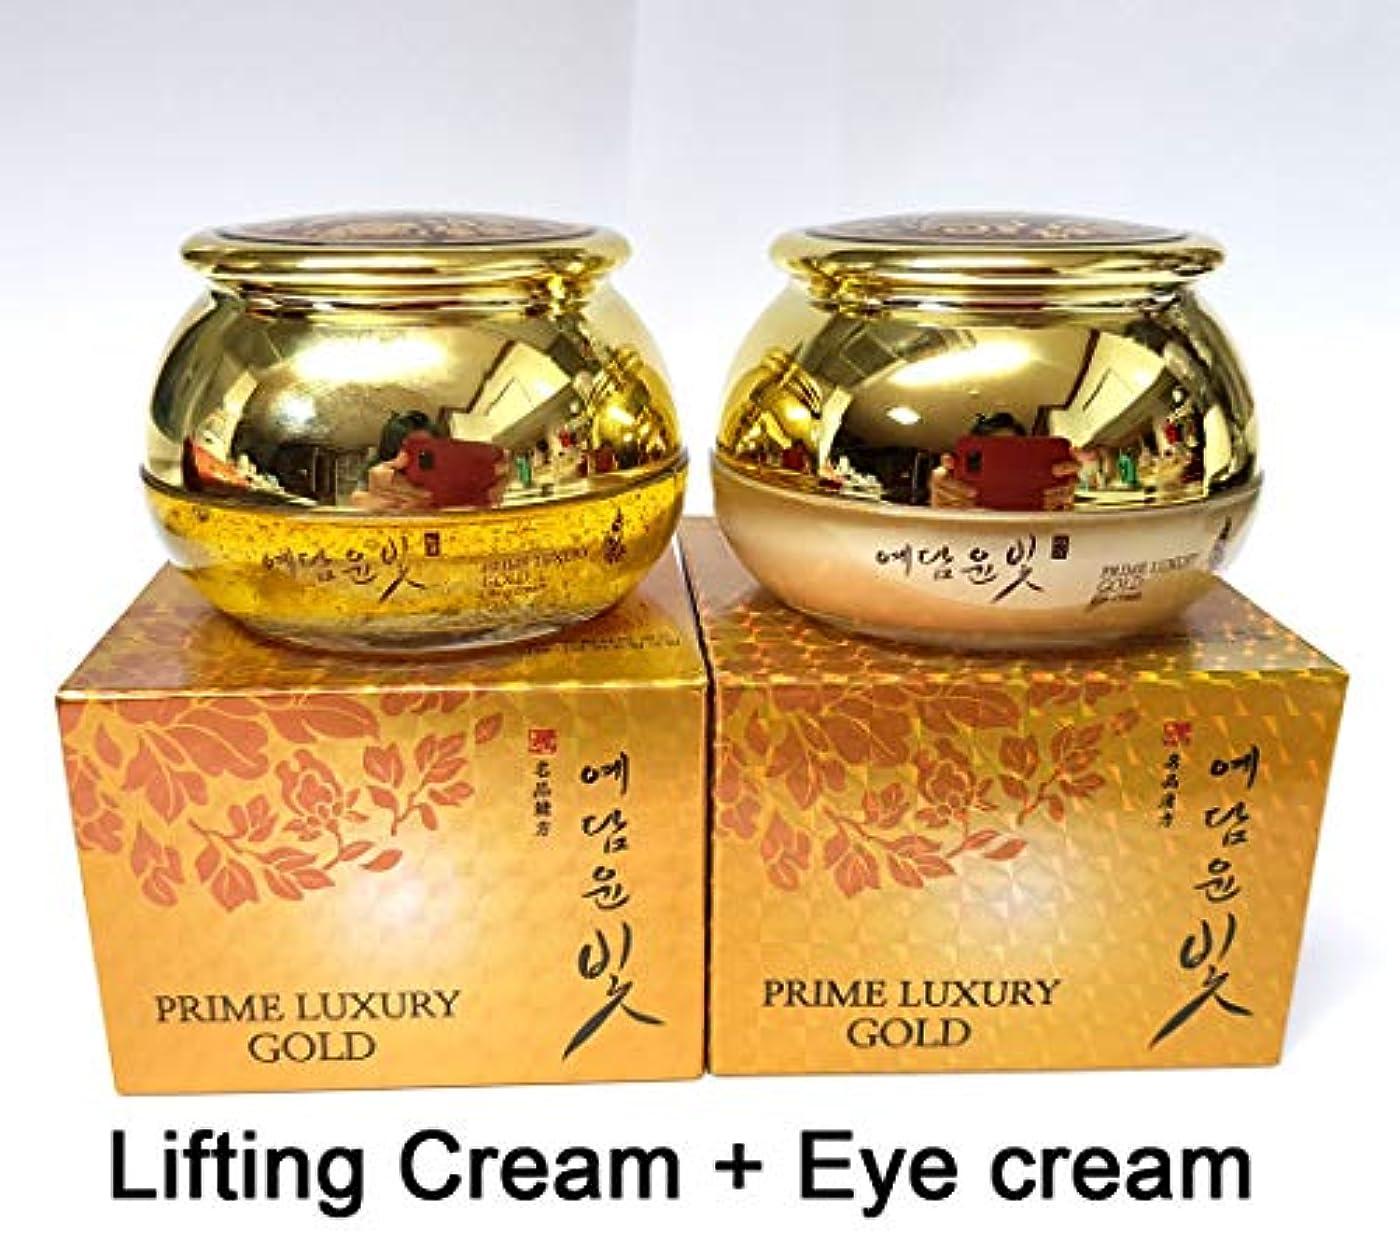 熱狂的な無実ルー[YEDAM YUNBIT]プライムラグジュアリーゴールドリフティングクリーム50g + プライムラグジュアリーゴールドインテンシブアイクリーム50g/ Prime Luxury Gold Lifting Cream 50g...